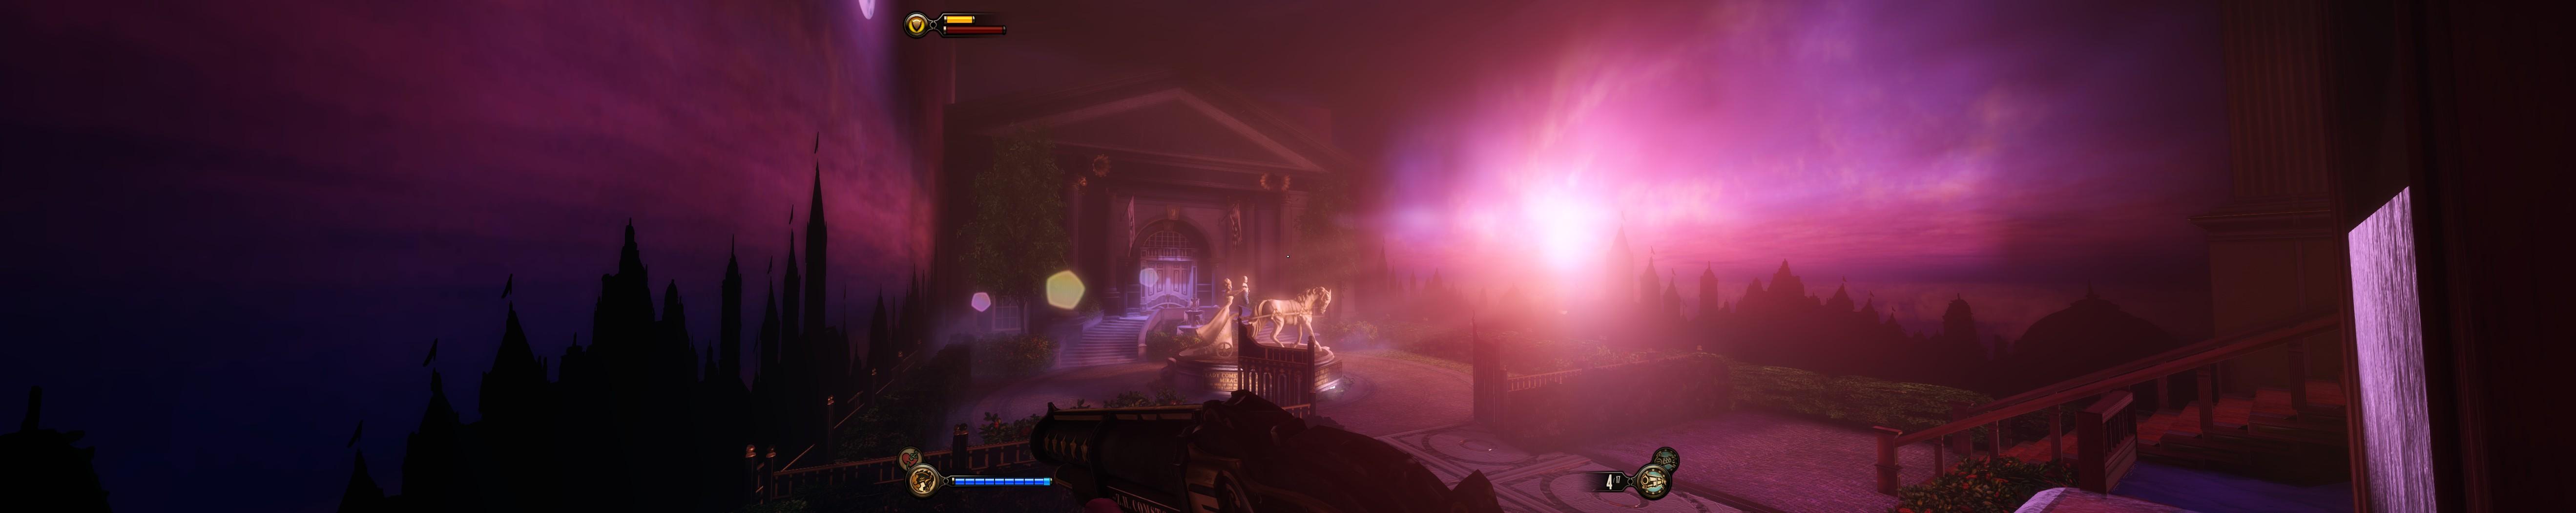 Bioshock_Infinite_2013-04-21_00052